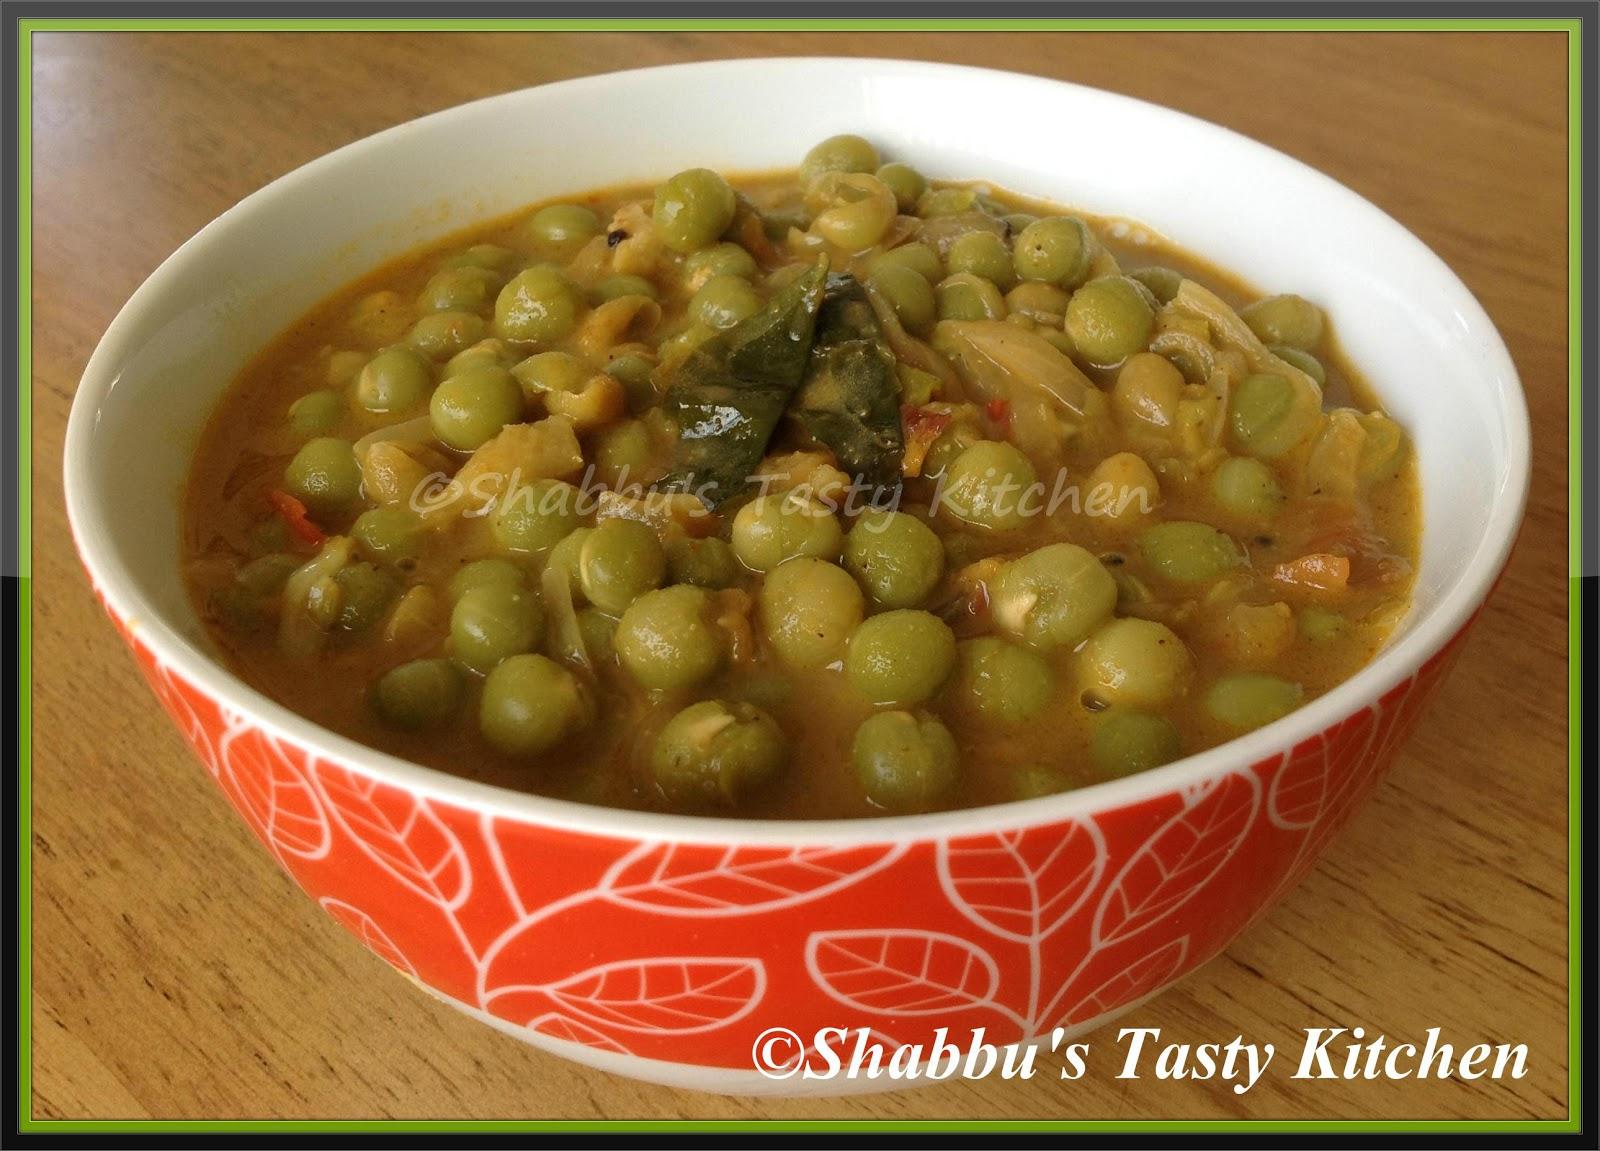 Shabbu S Tasty Kitchen